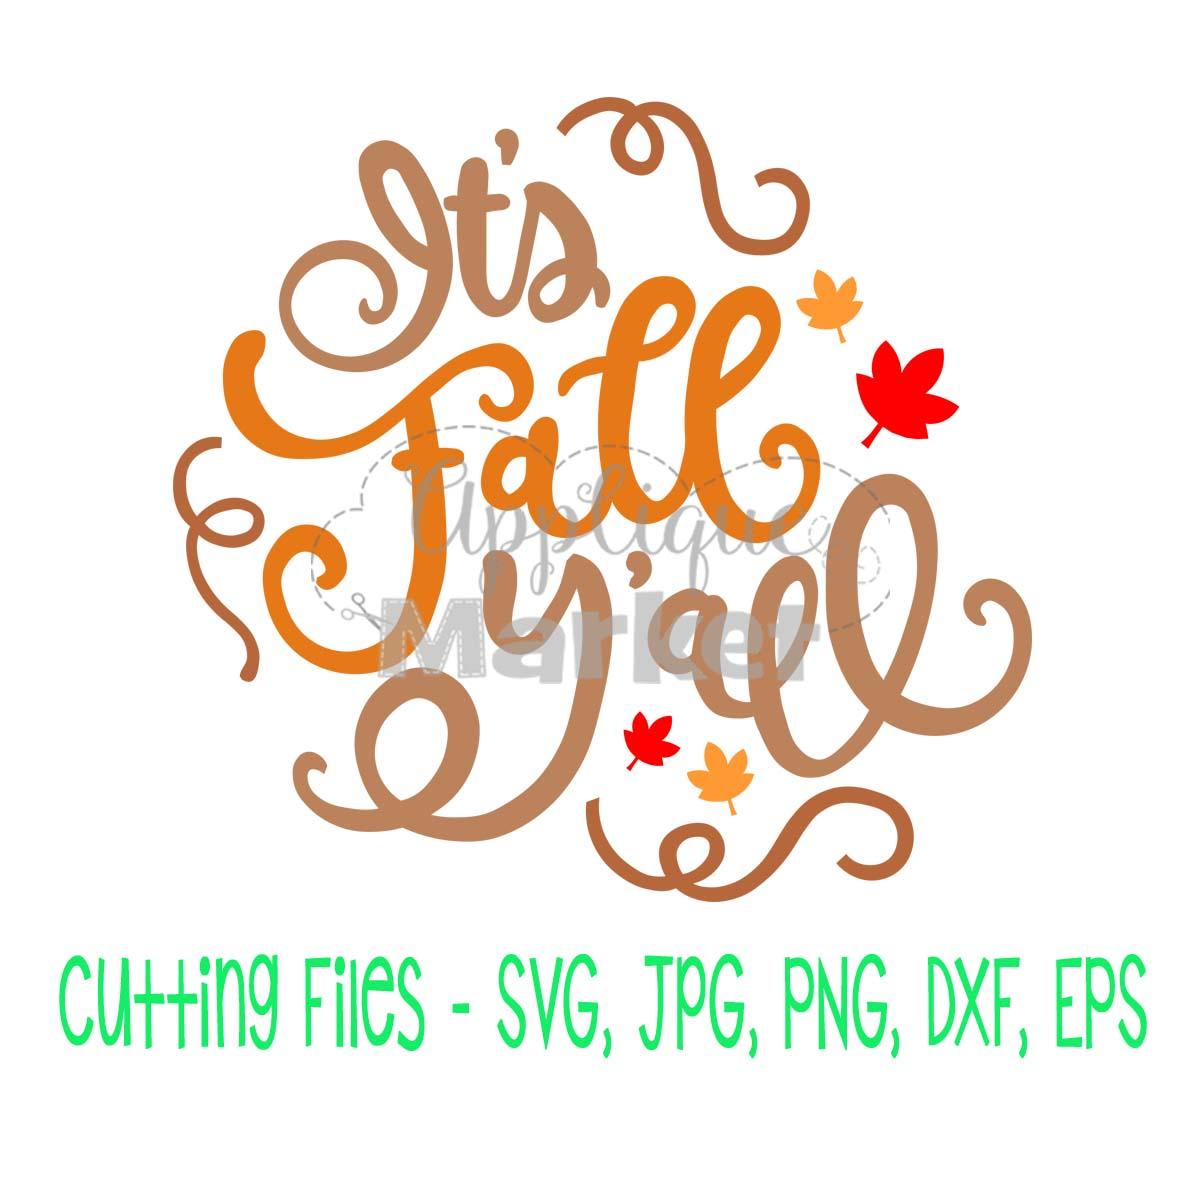 35+ Happy Fall Y'all Cutting File Design